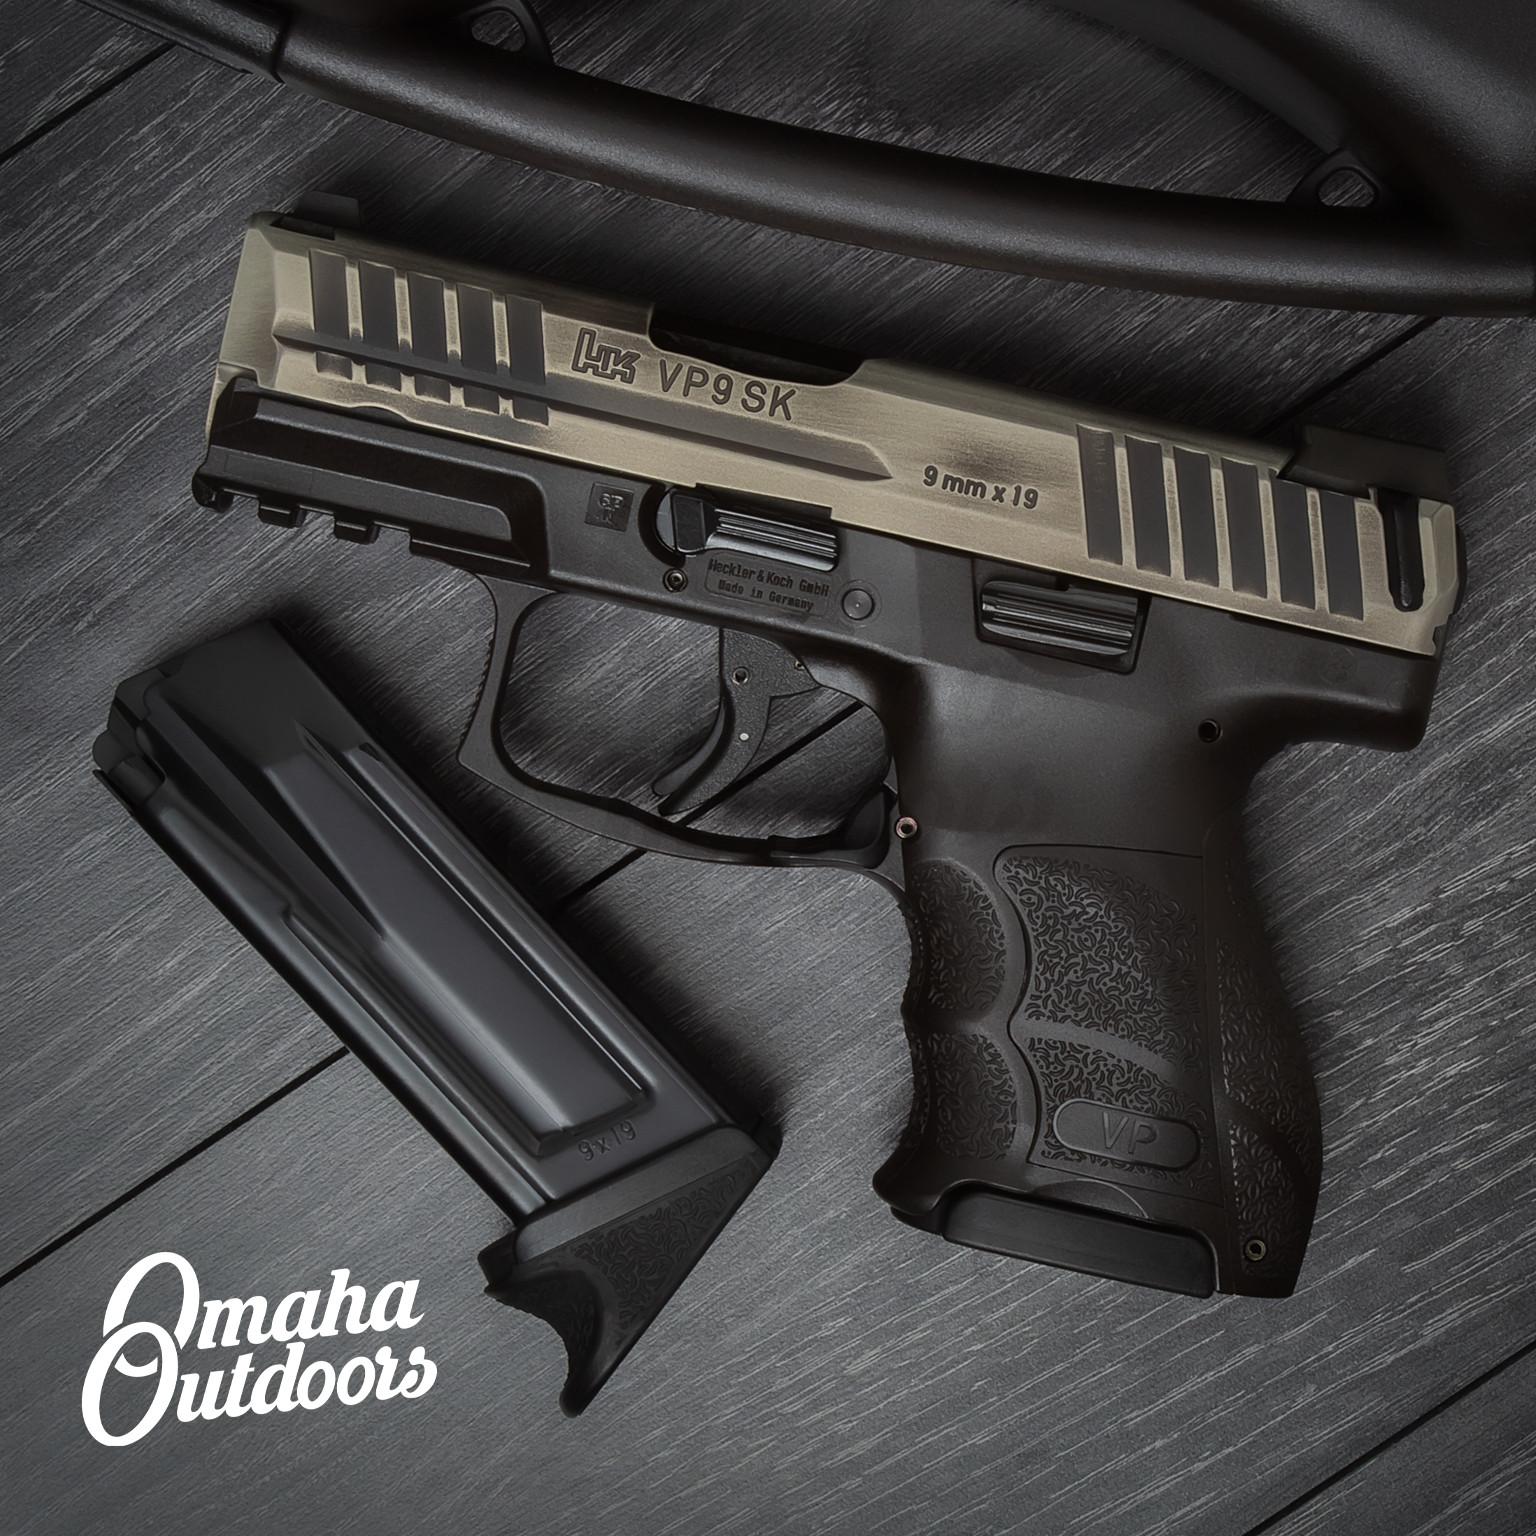 HK VP9SK LE Pistol 10 RD 9mm Bright Nickel Battle Born